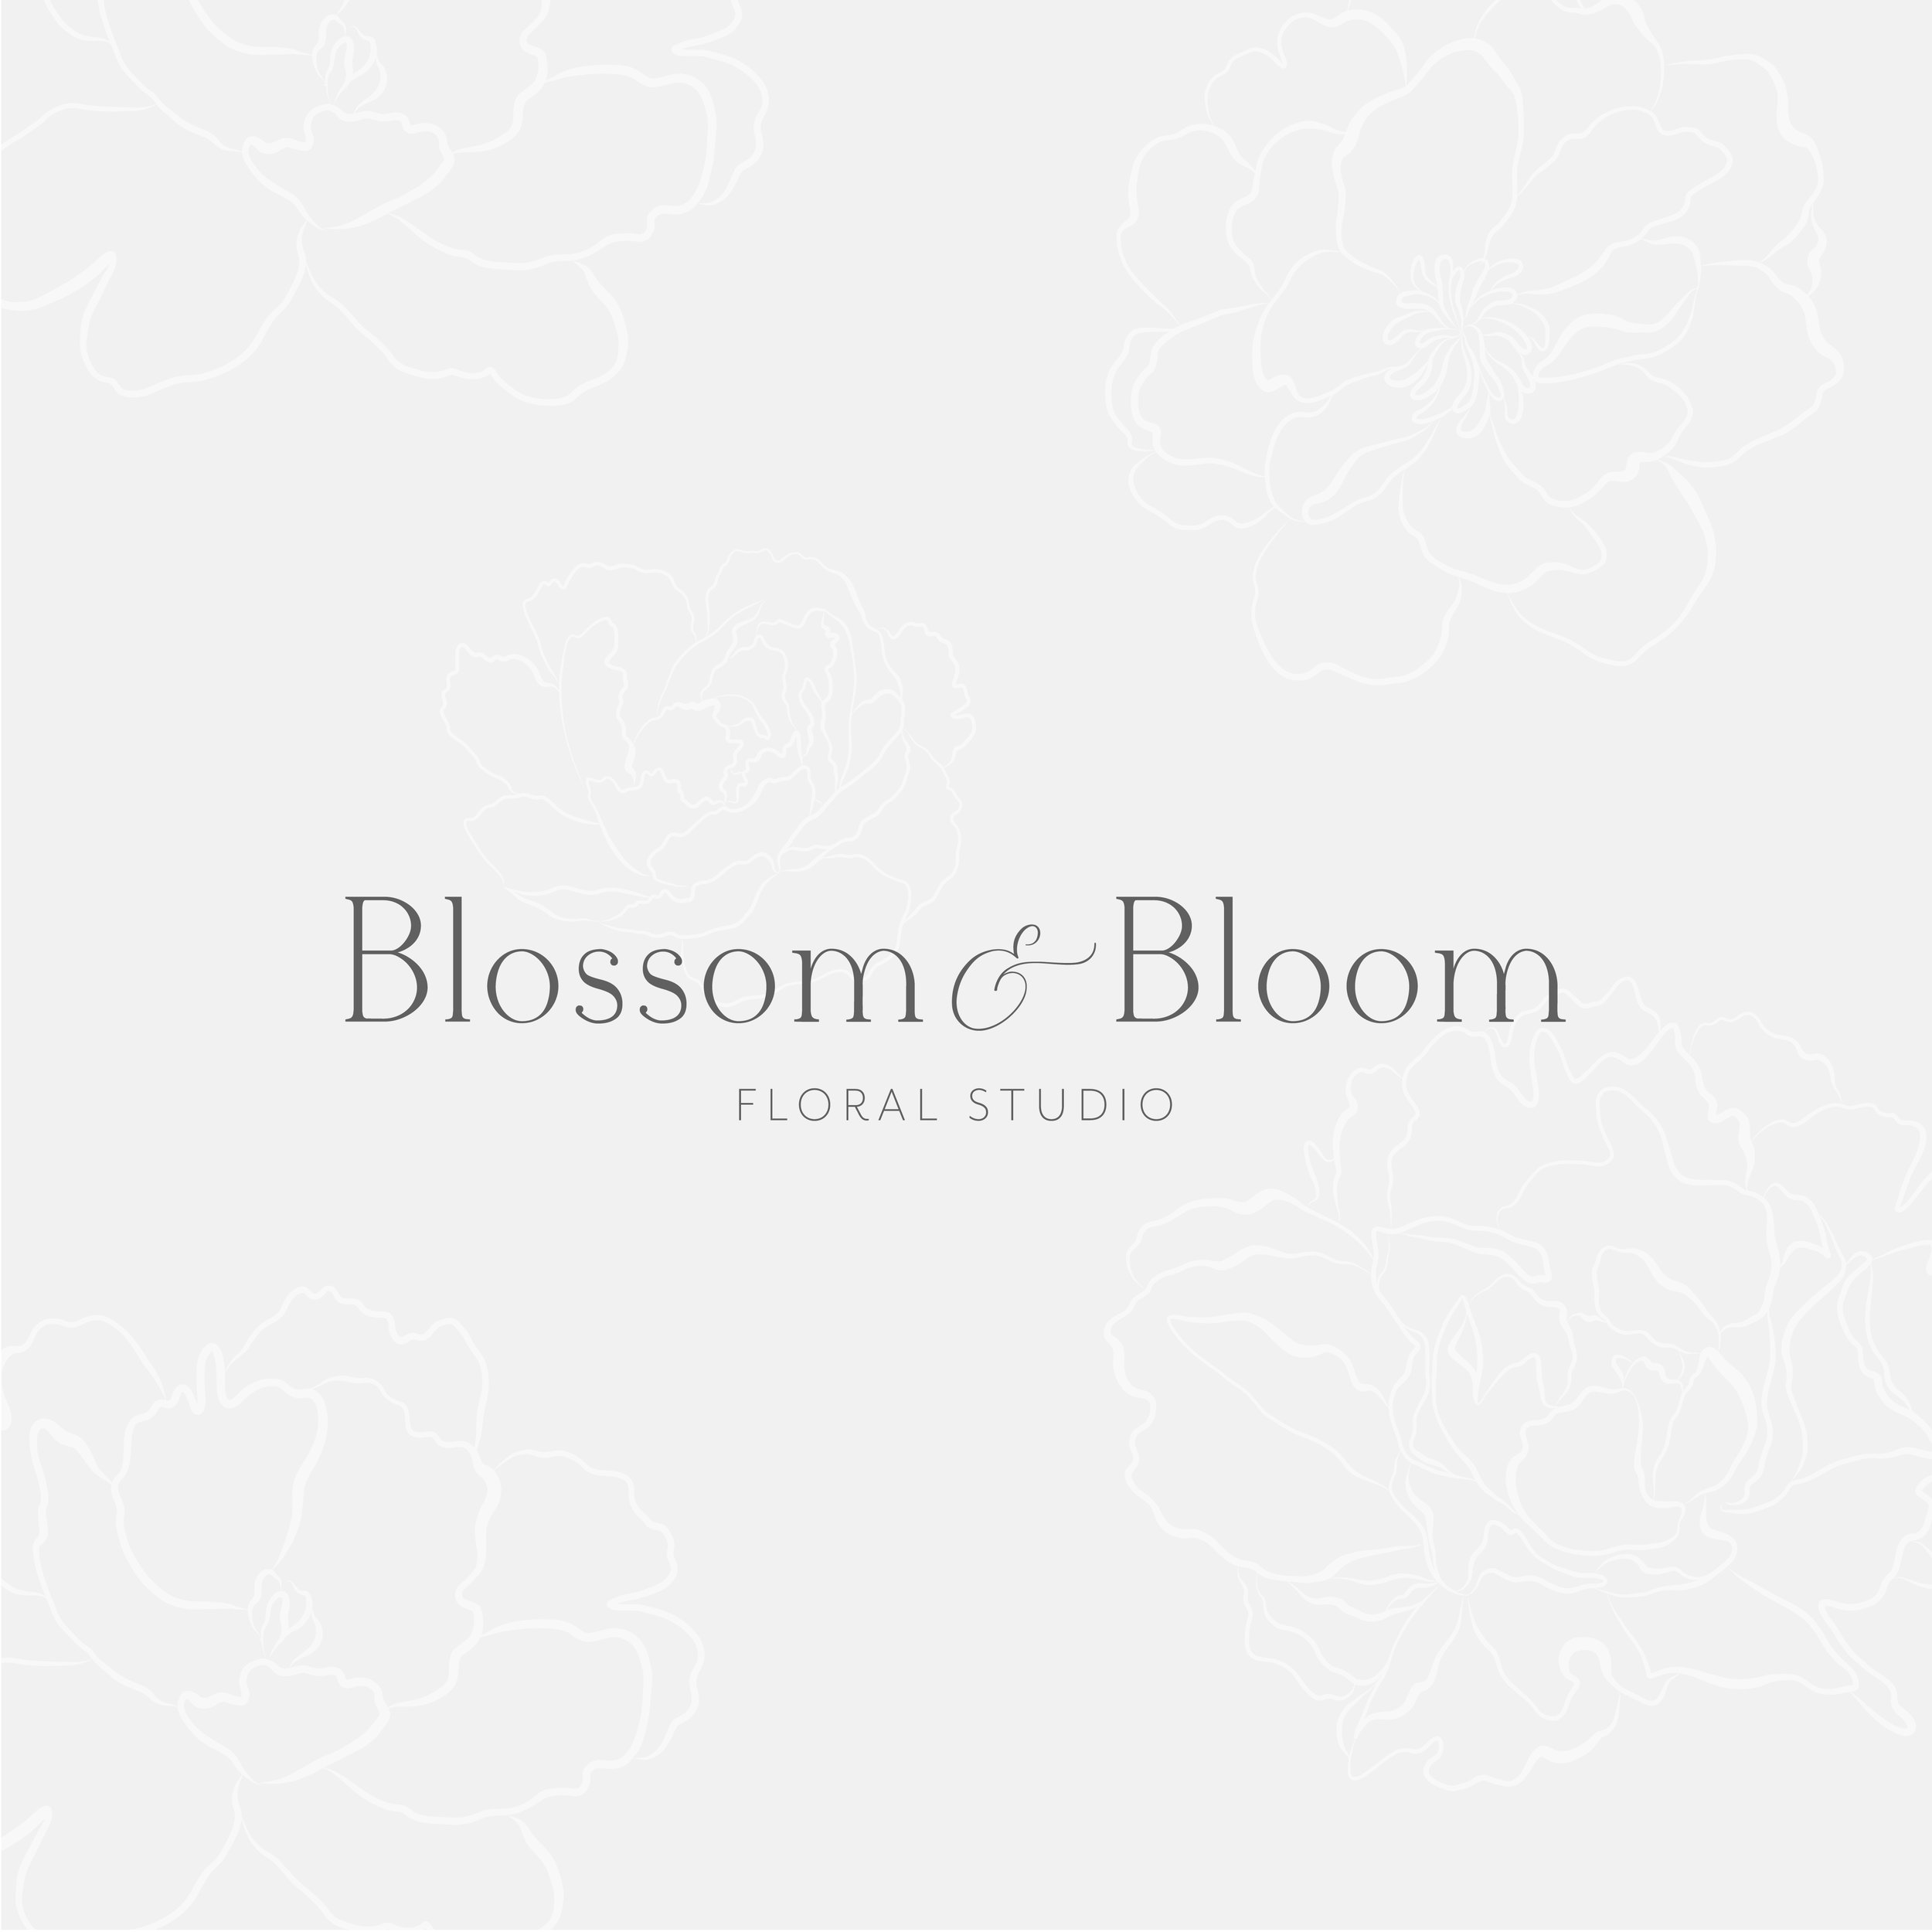 BLOSSOM&BLOOM-01.jpg